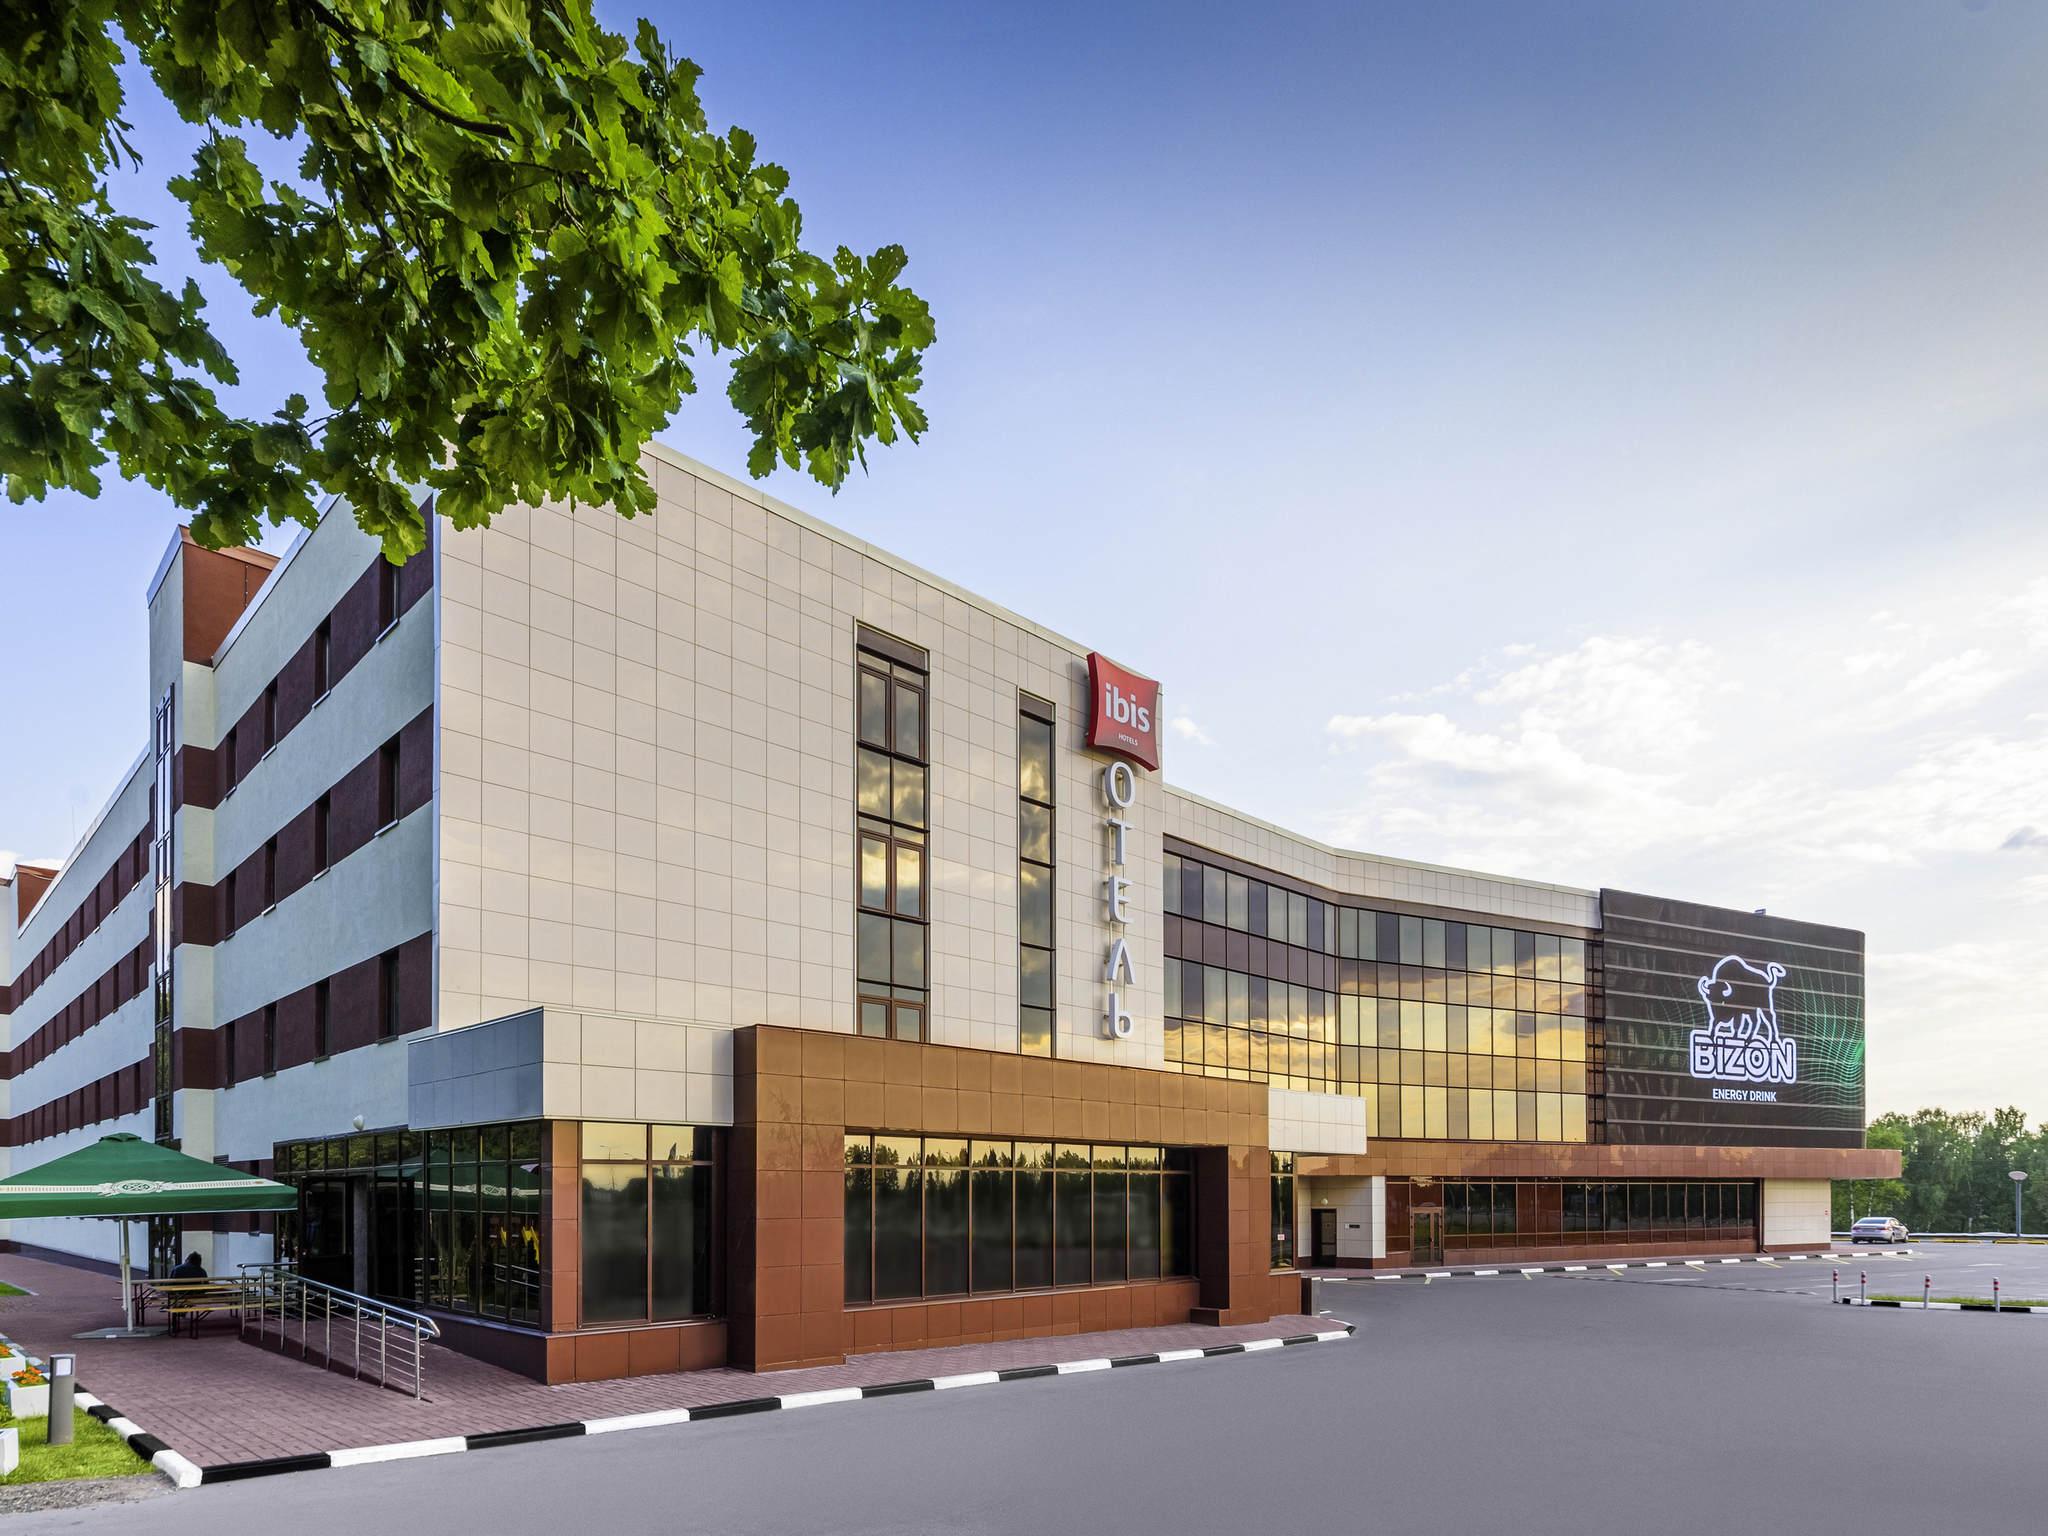 ホテル – イビス モスクワ ドモジェドボ 空港